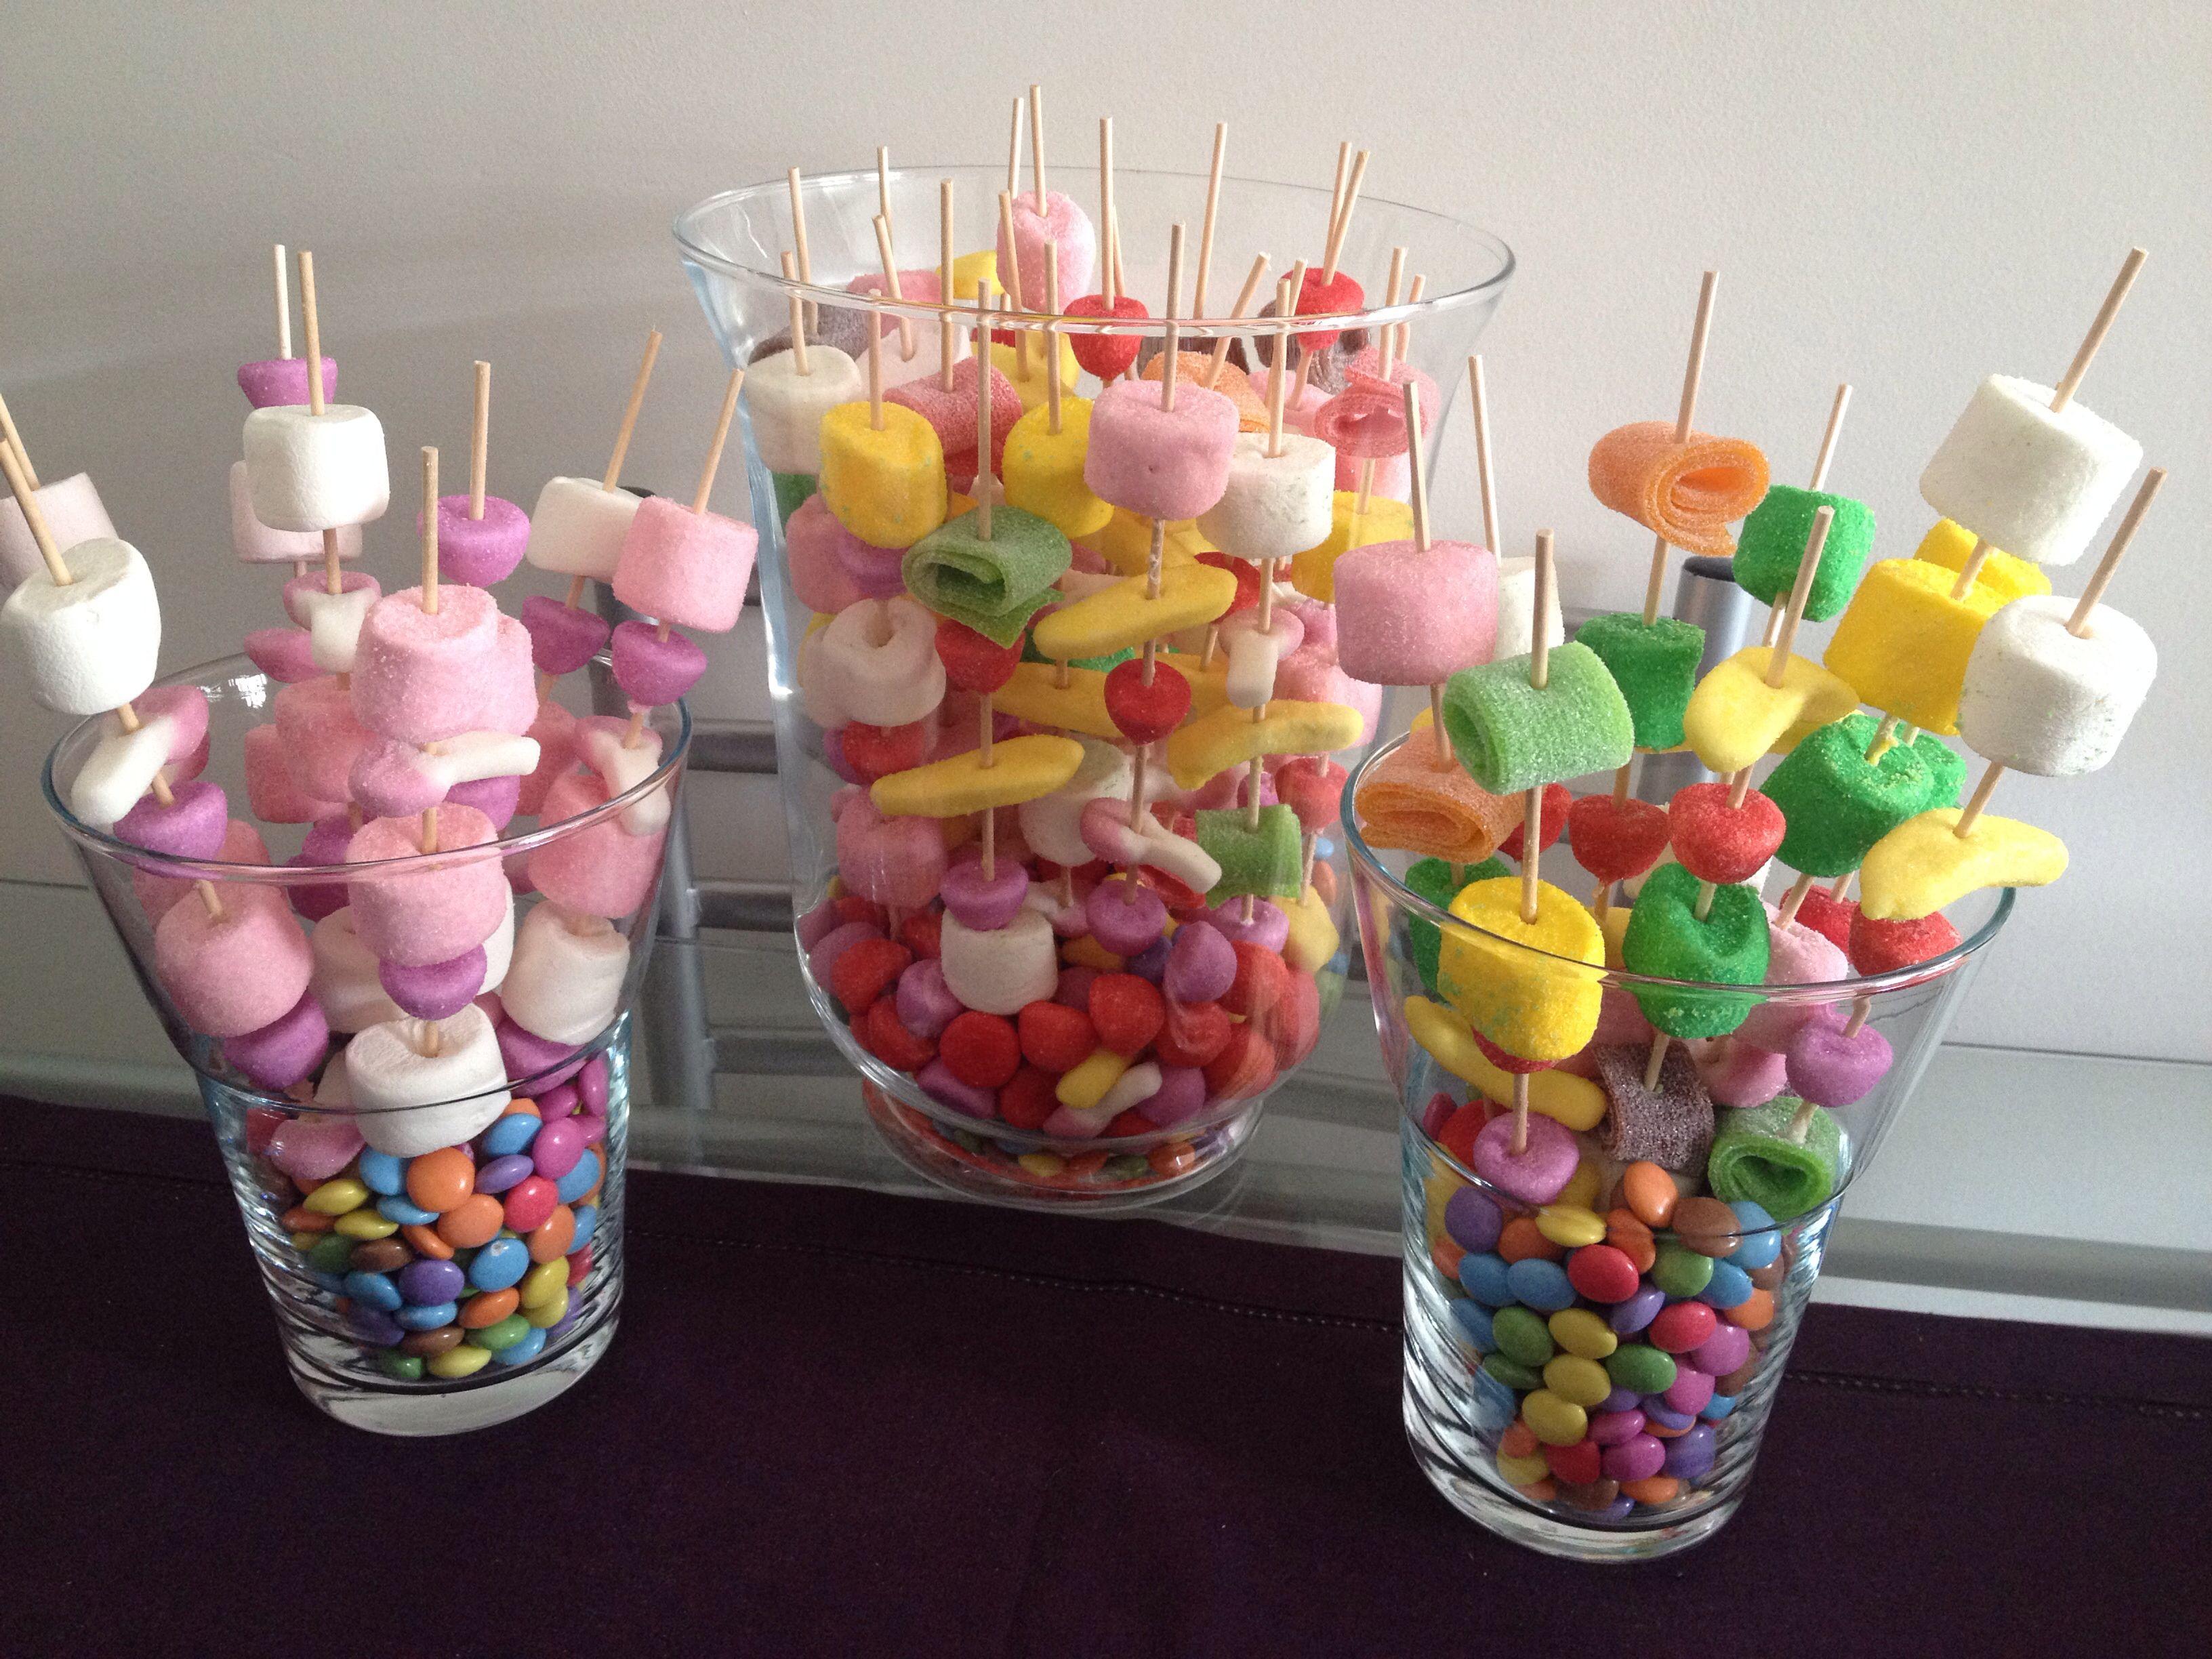 Idee De Brochette.Brochettes De Bonbons Ton Rose Et Multicolores Sur Nid De